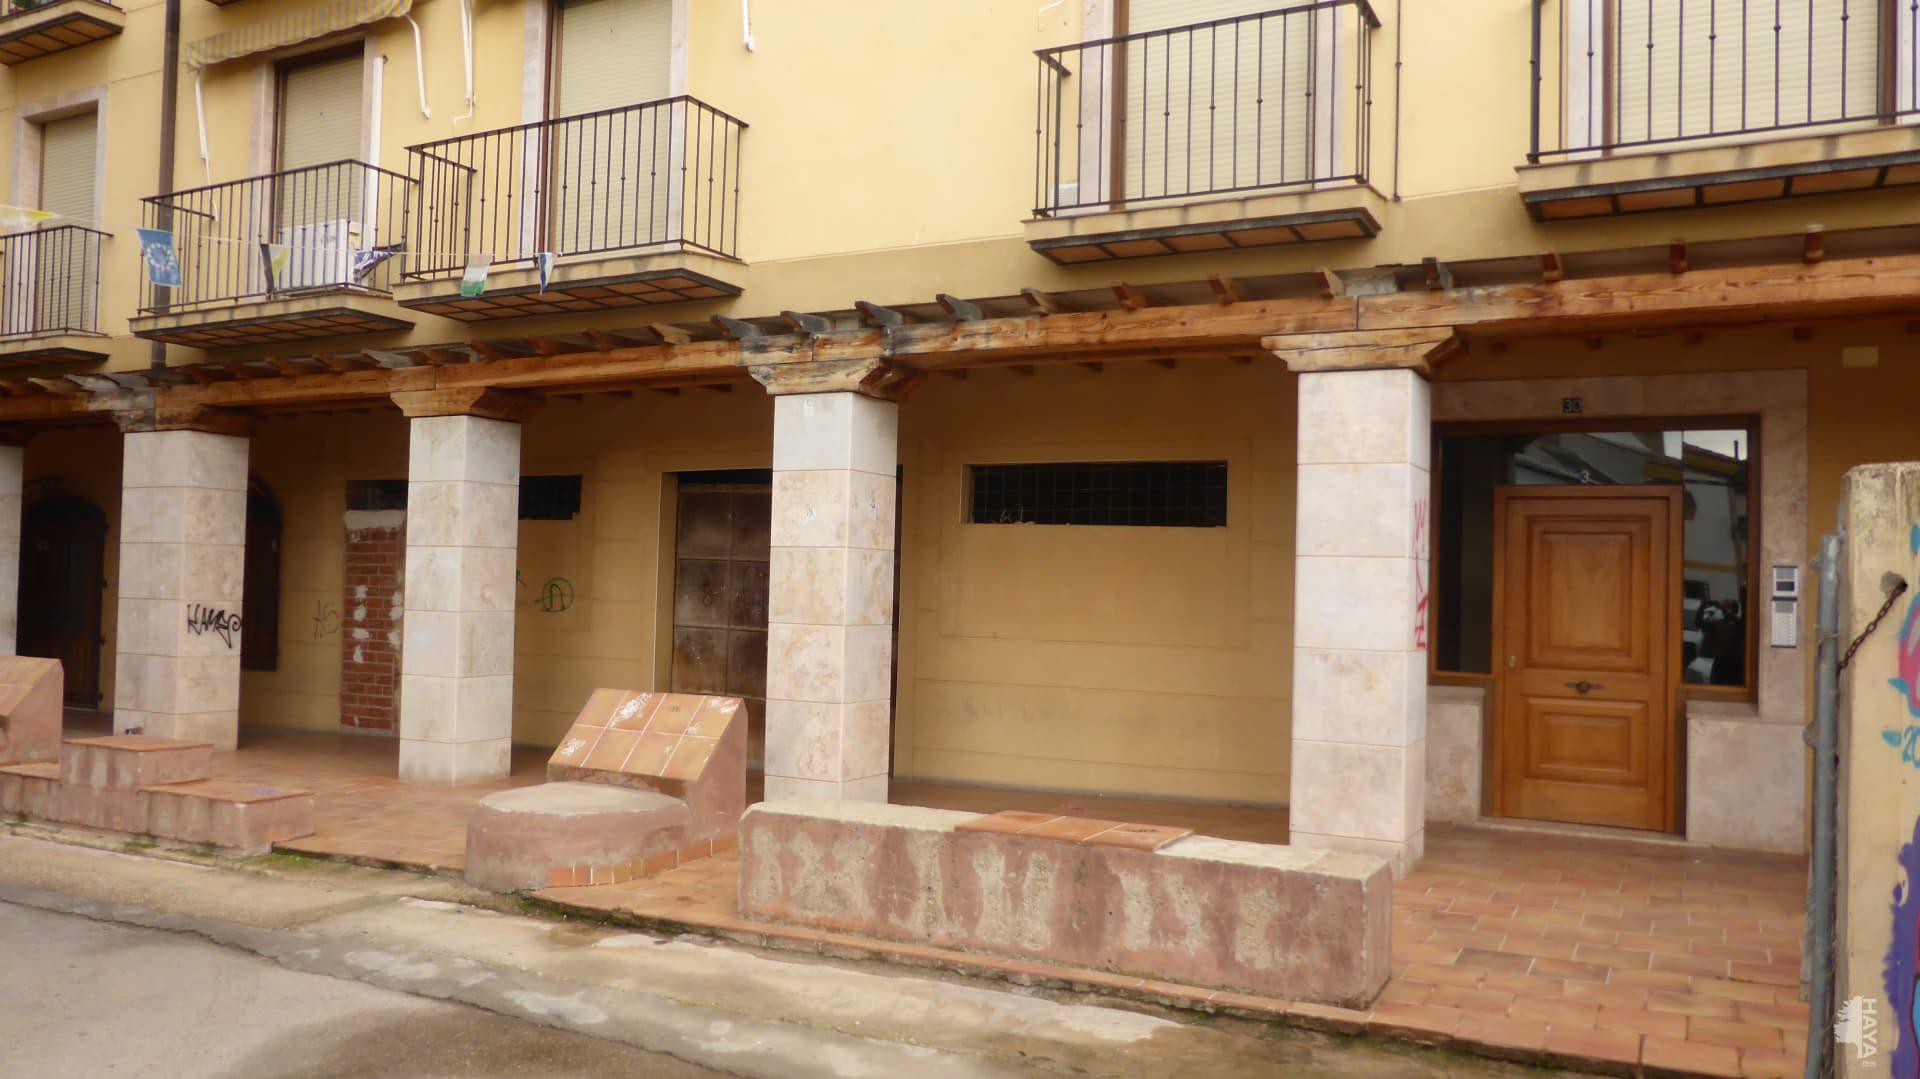 Local en venta en Herencia, Herencia, Ciudad Real, Calle Mesones, 52.500 €, 103 m2